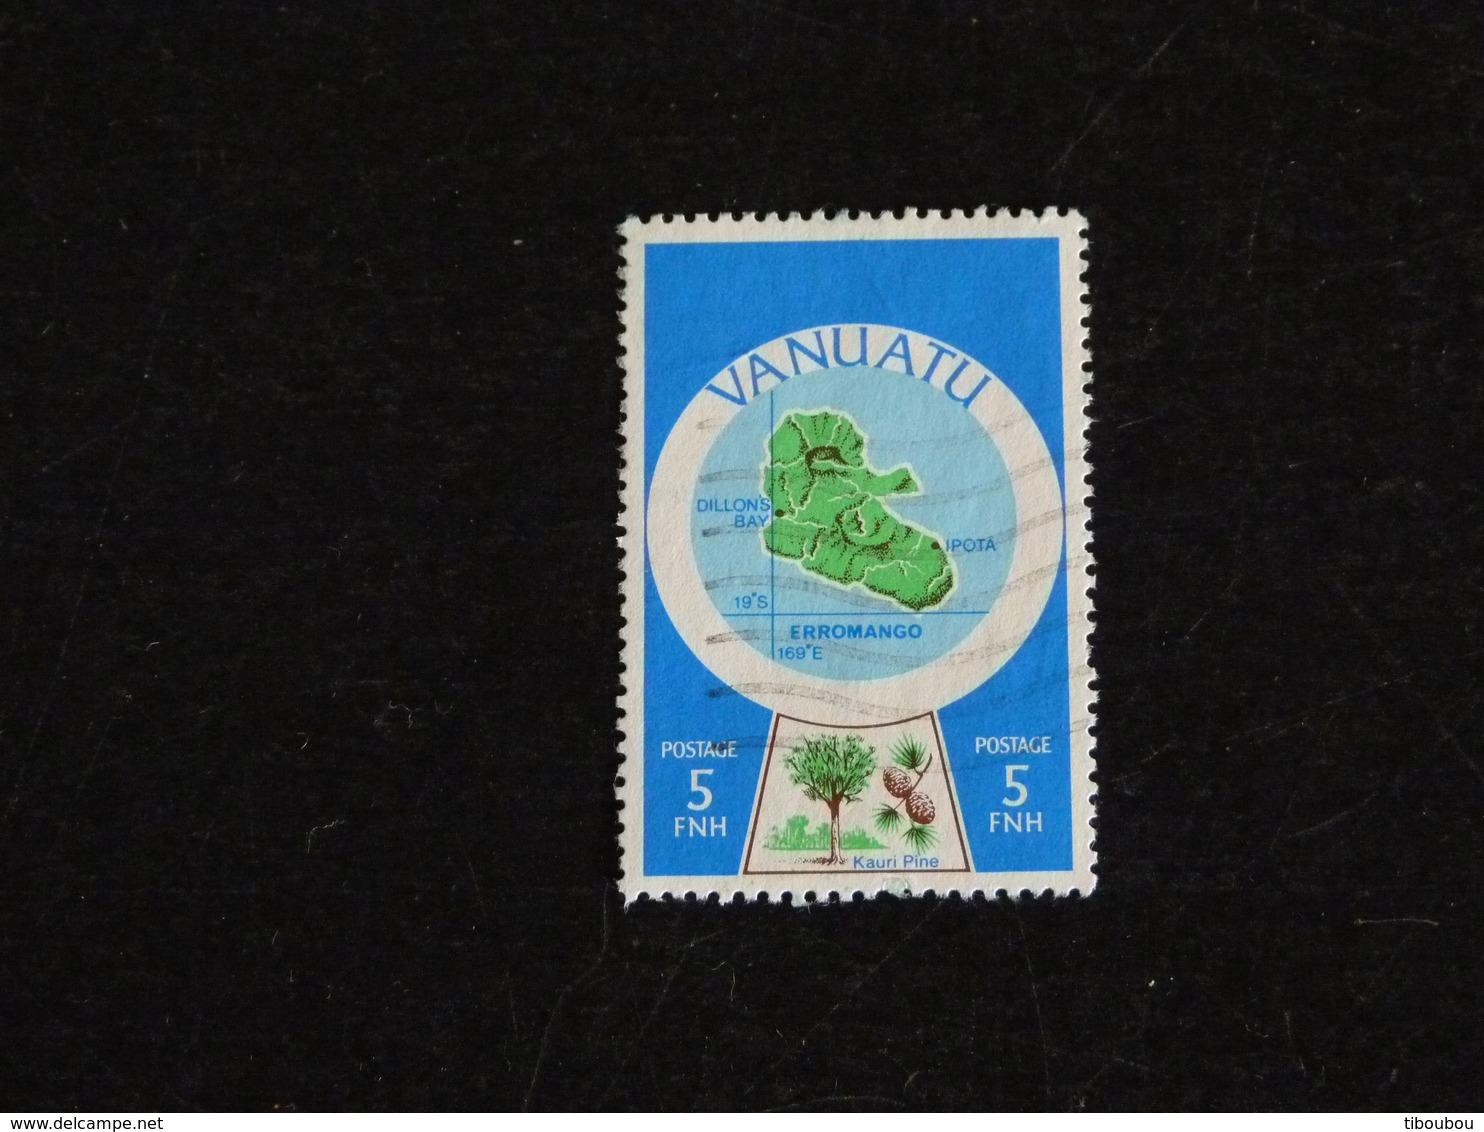 VANUATU YT 596 OBLITERE - CARTE CARTOGRAPHIE DES ILES DU VANUATU - Vanuatu (1980-...)